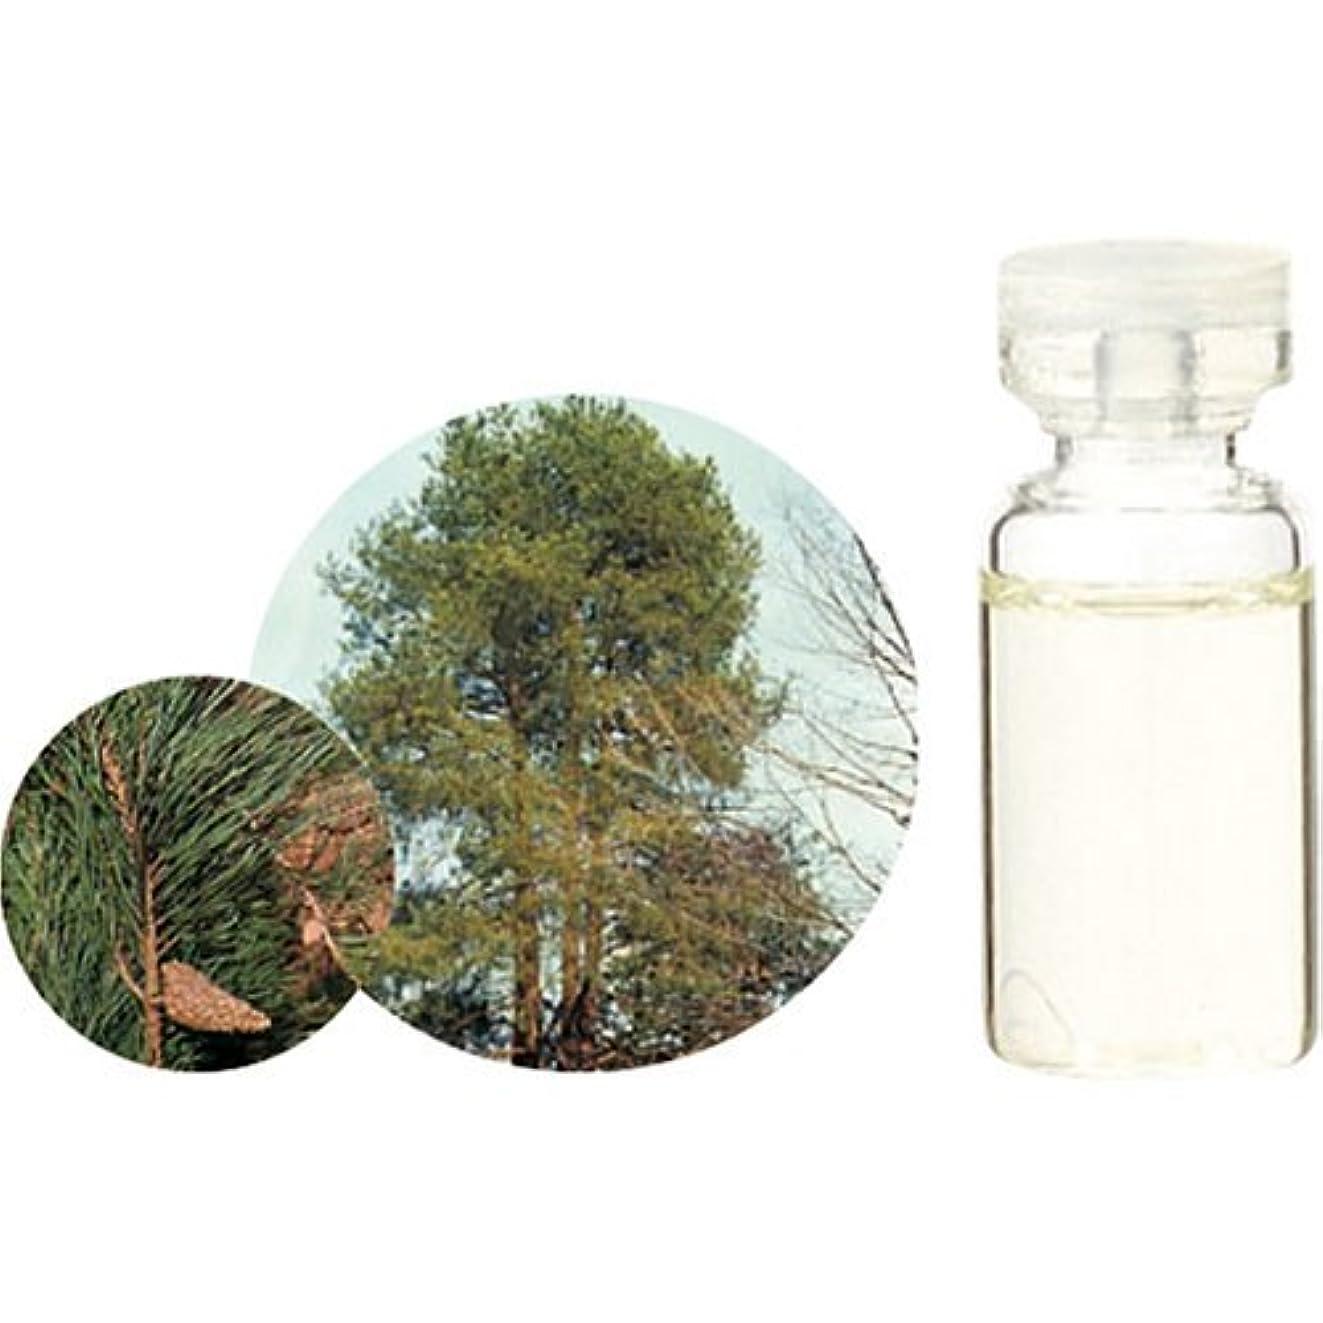 ダイジェストコーン必要とする生活の木 C パイン エッセンシャルオイル 10ml